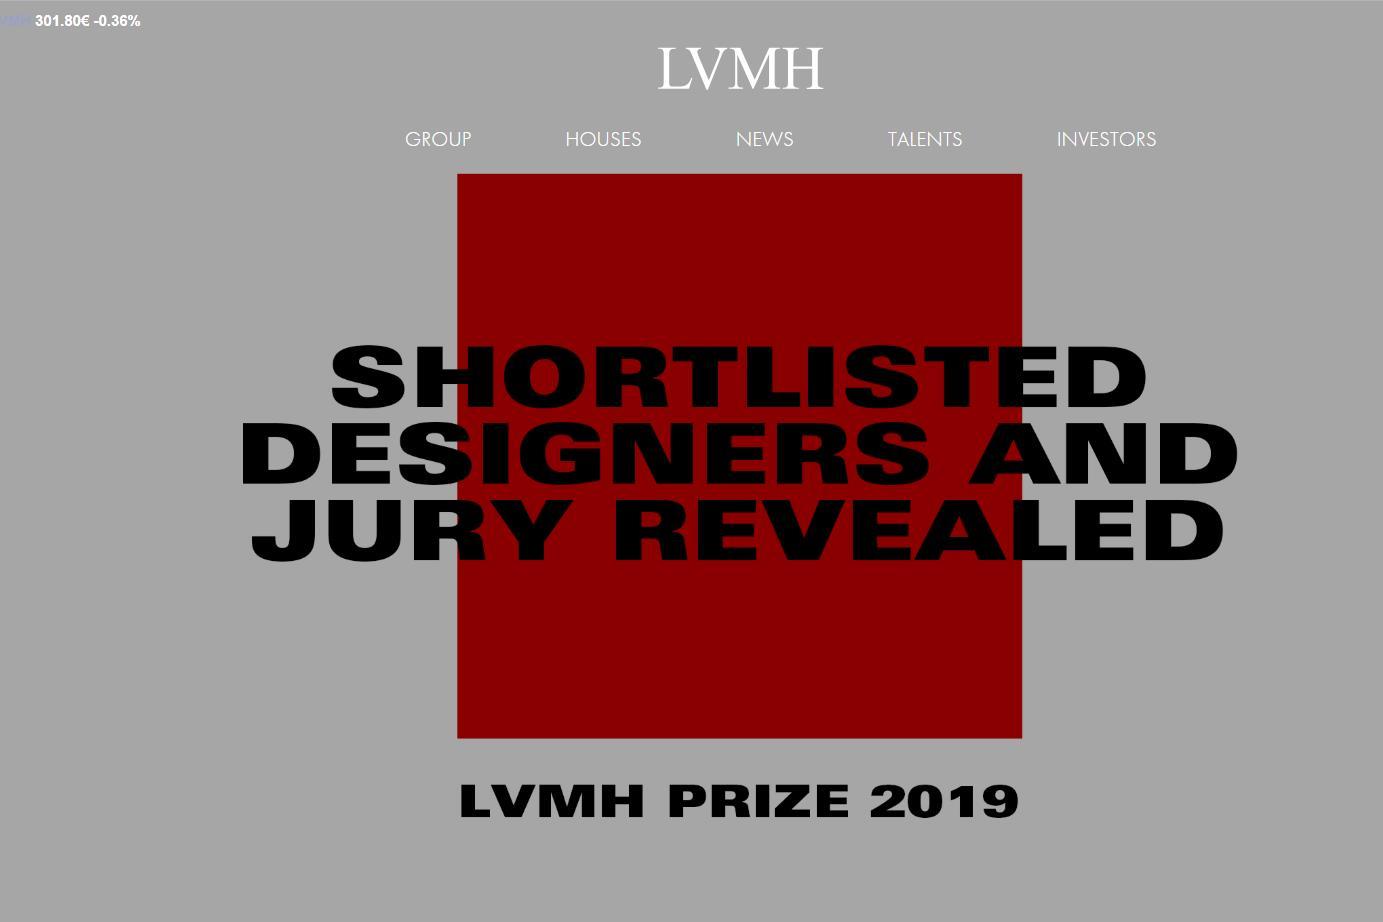 第六届 LVMH Prize 青年设计师大奖入围名单出炉,中国设计师胡颖琪、方妍楠从1700名申请者中脱颖而出